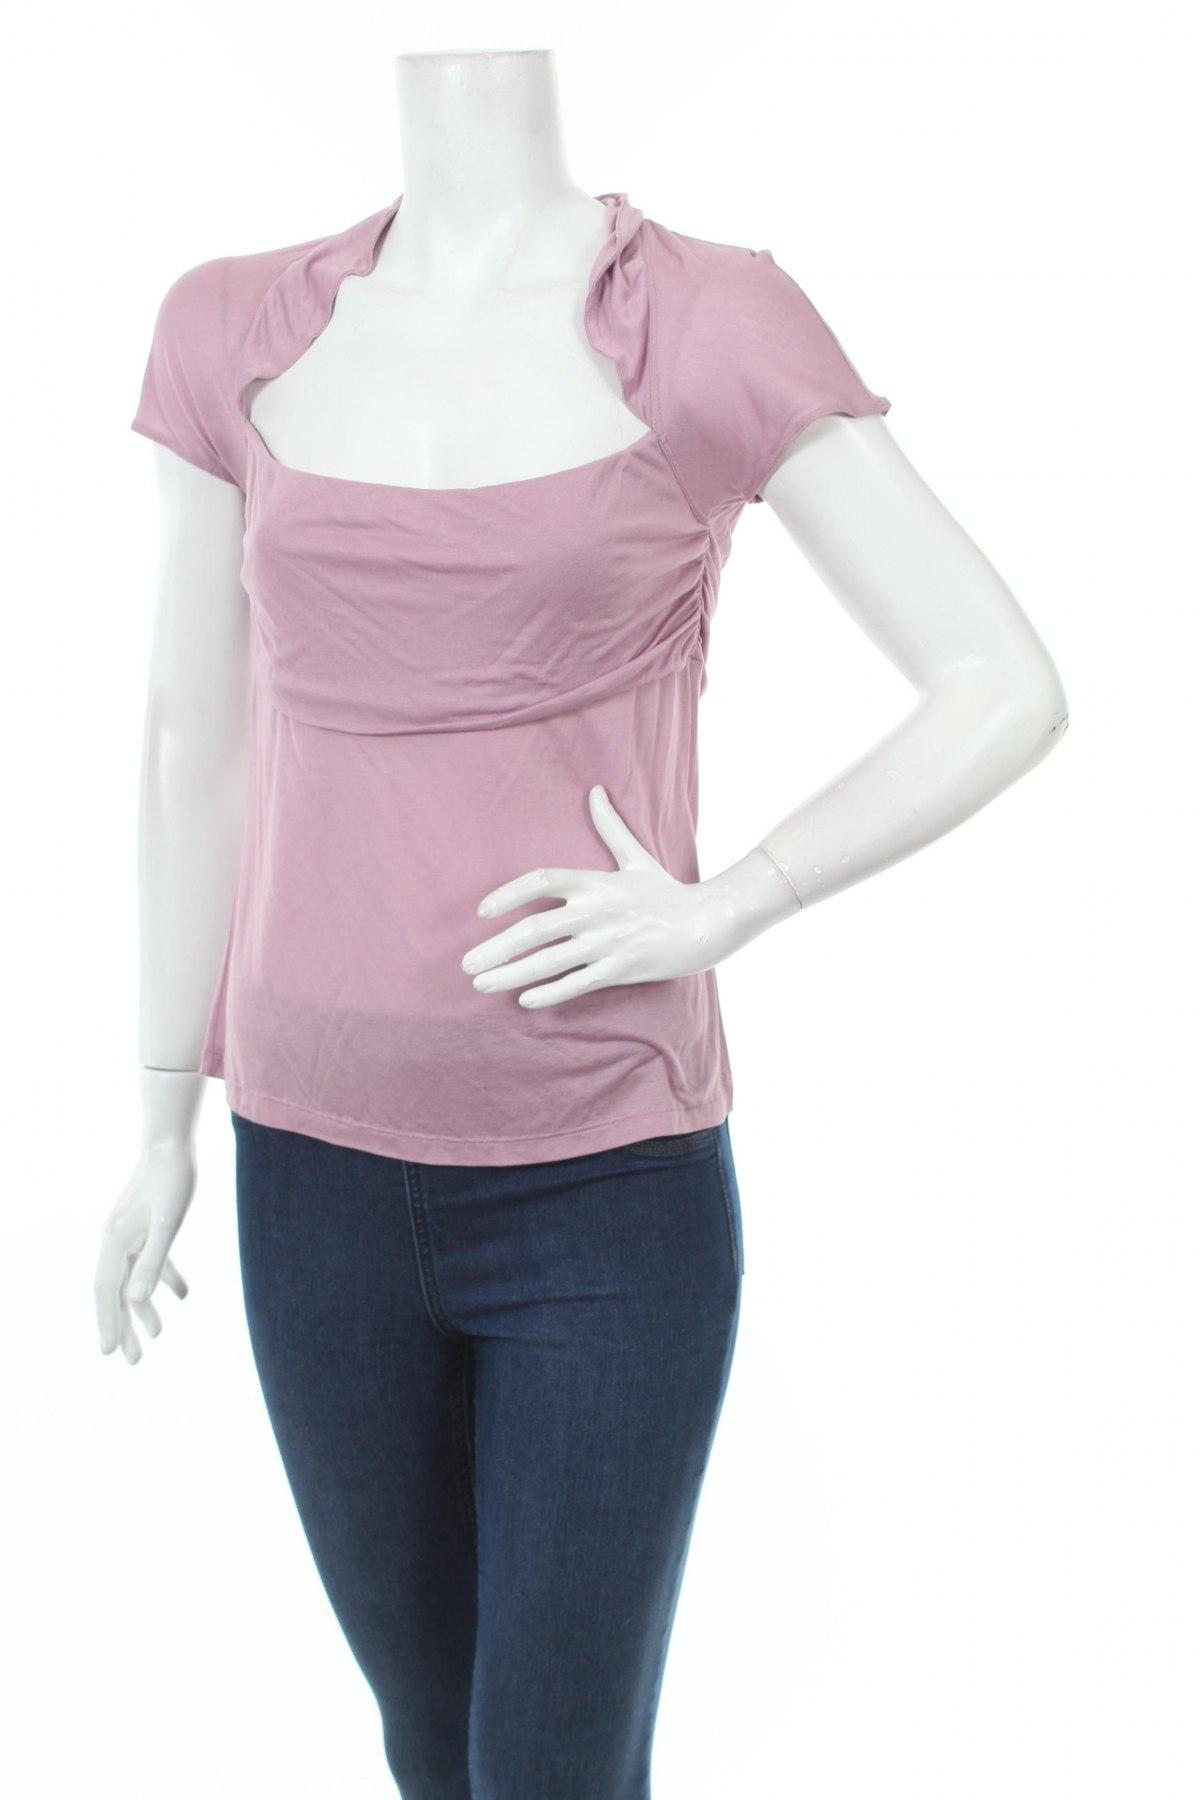 Γυναικεία μπλούζα Red Valentino, Μέγεθος M, Χρώμα Βιολετί, Βισκόζη, Τιμή 163,30€